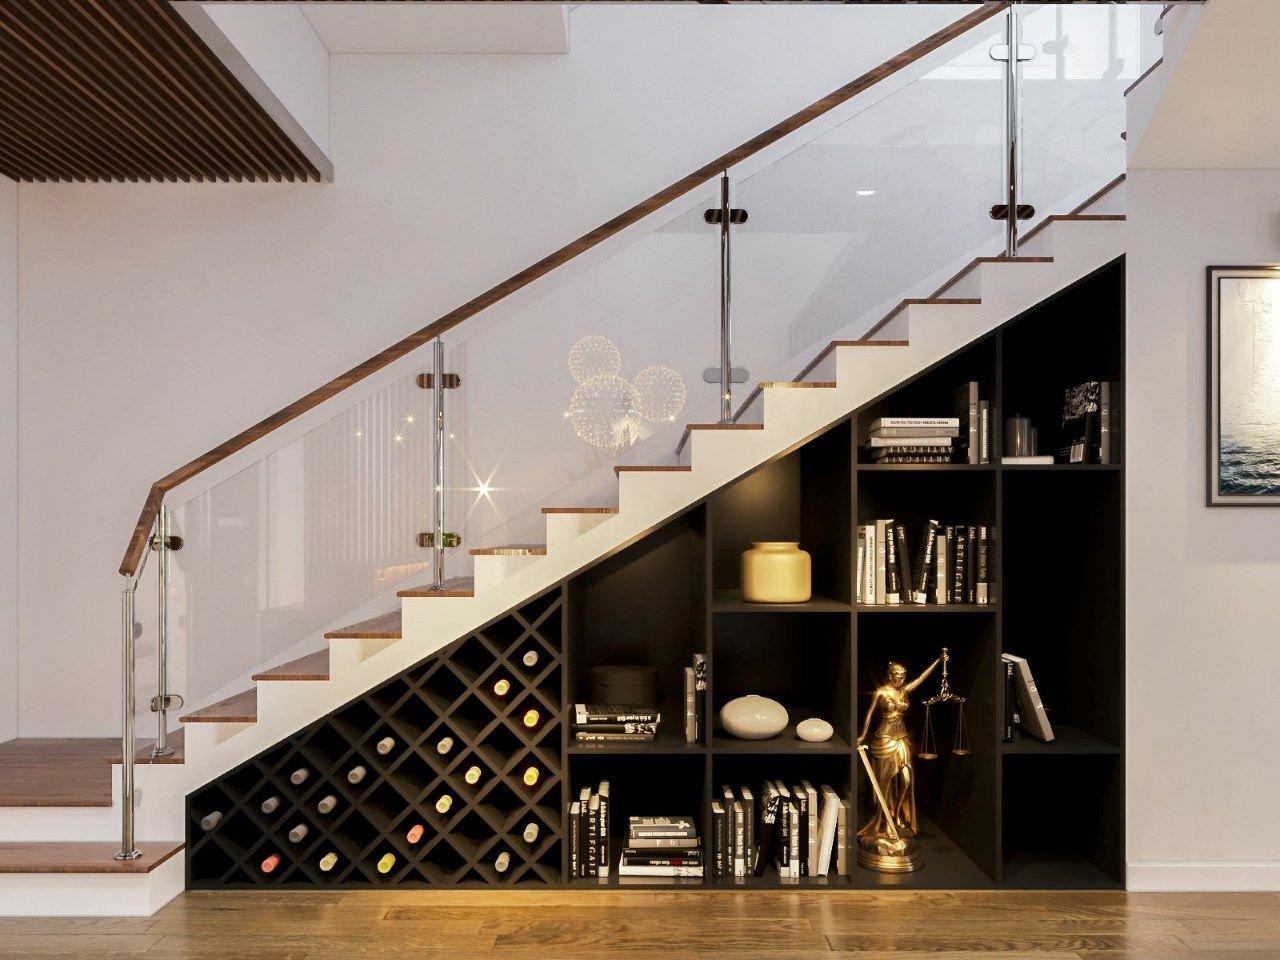 Cách làm tủ gầm cầu thang thêm ấn tượng với chất liệu gỗ công nghiệp bền đẹp với lớp sơn màu đen thu hút